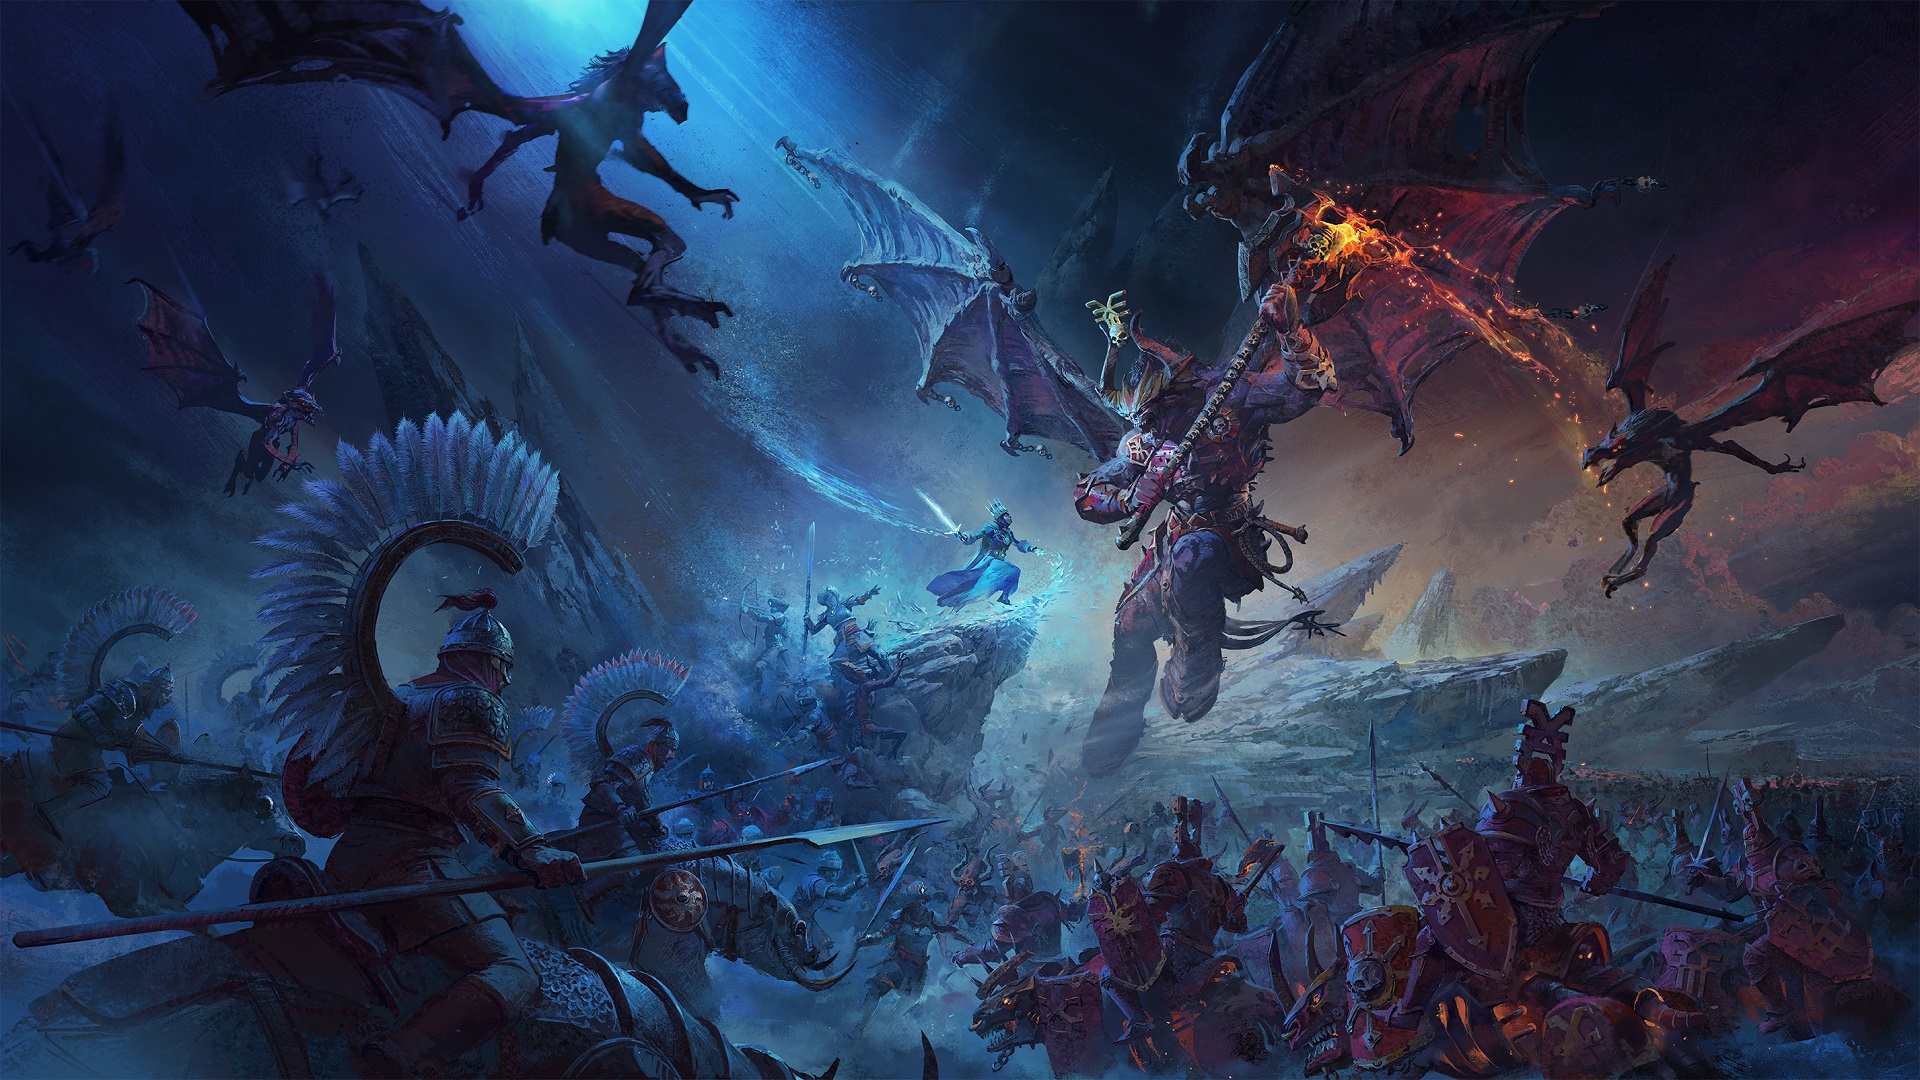 Total War: Warhammer III art